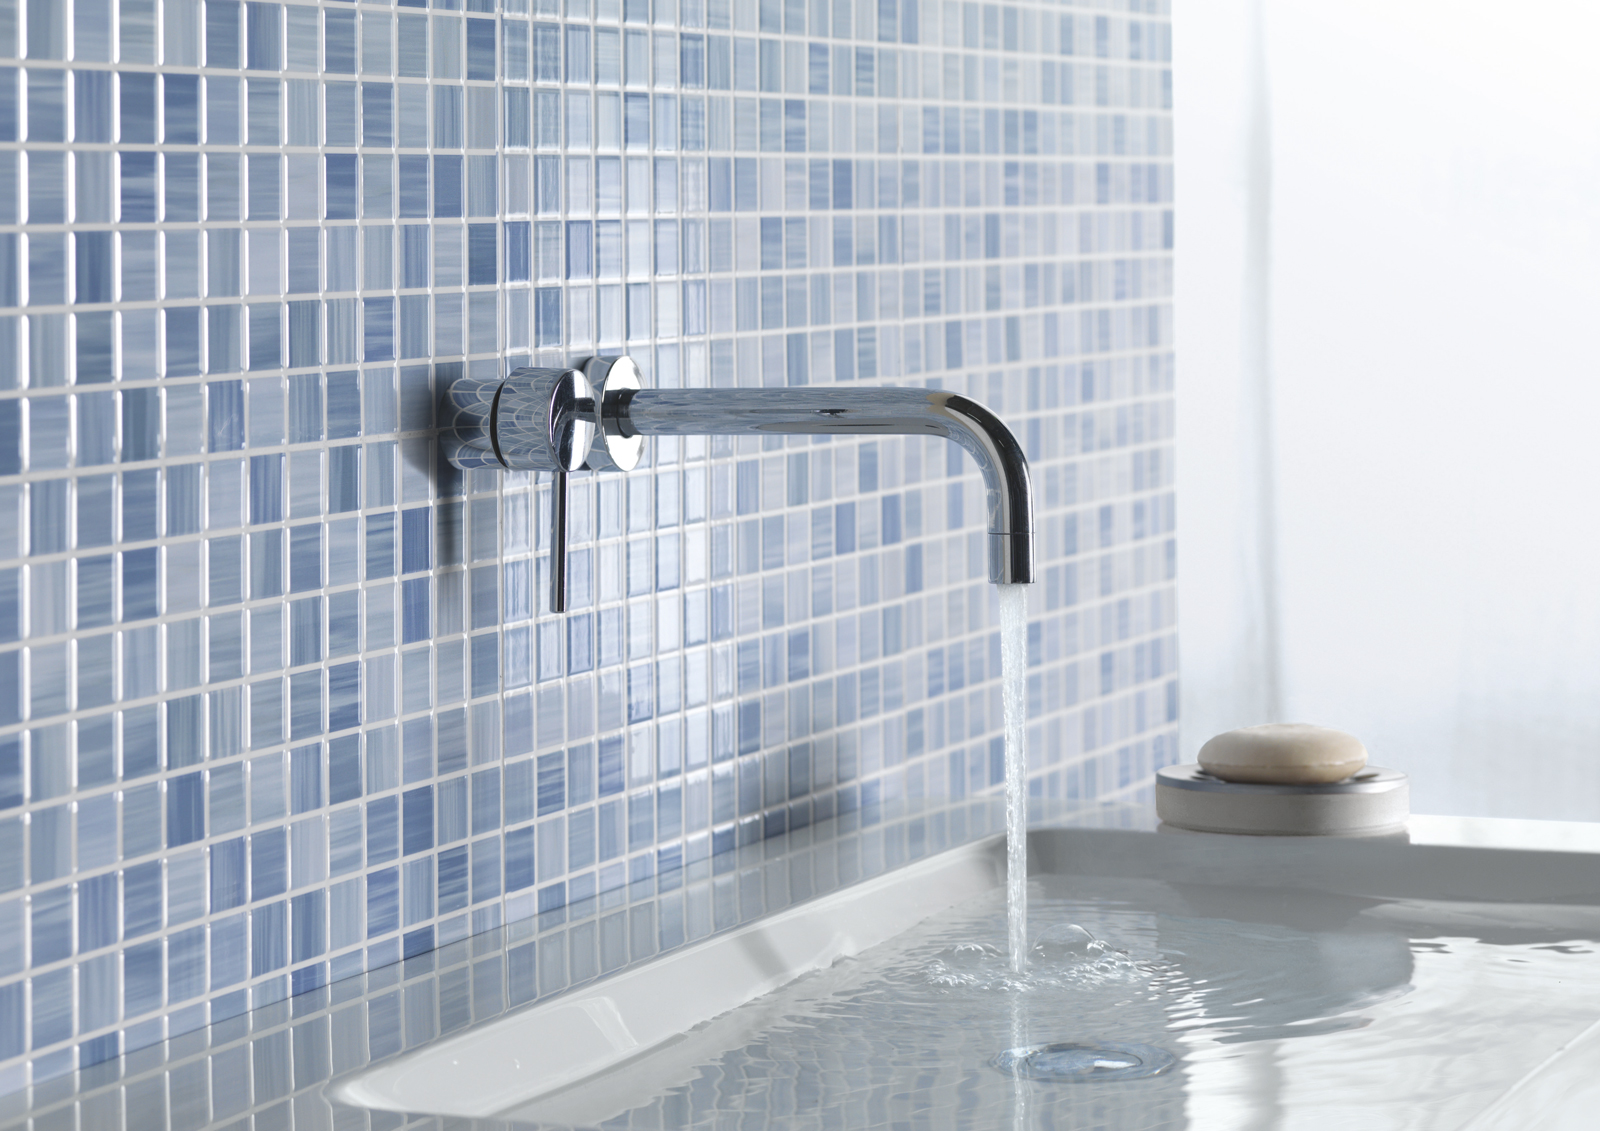 Foto Di Mattonelle Per Bagno : Foto di piastrelle per bagno ...